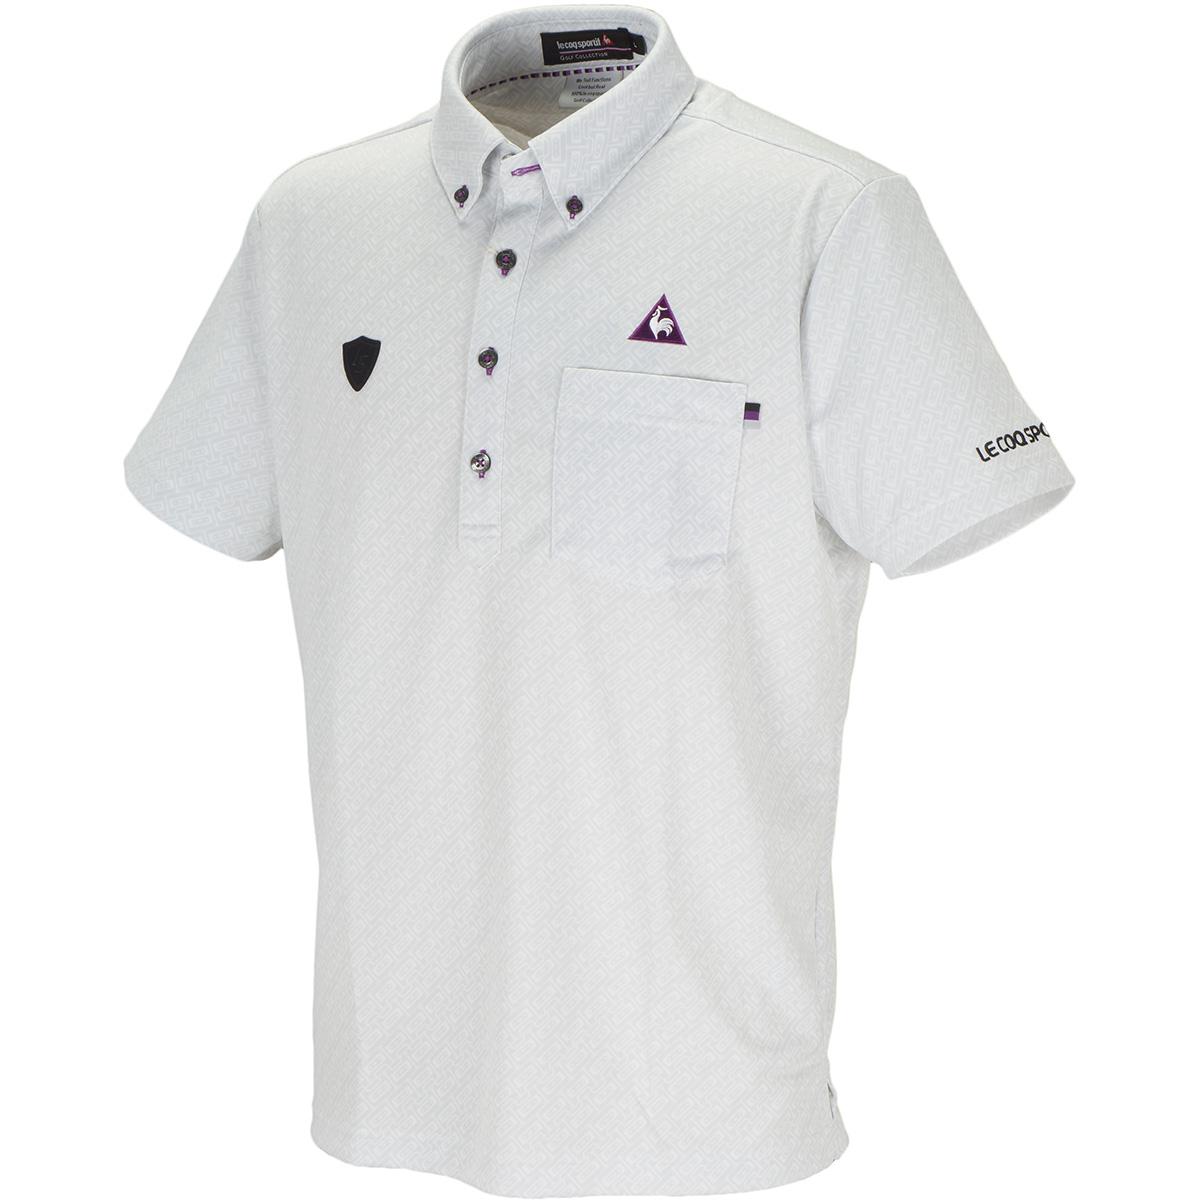 カセットバイヤスプリント 半袖ポロシャツ